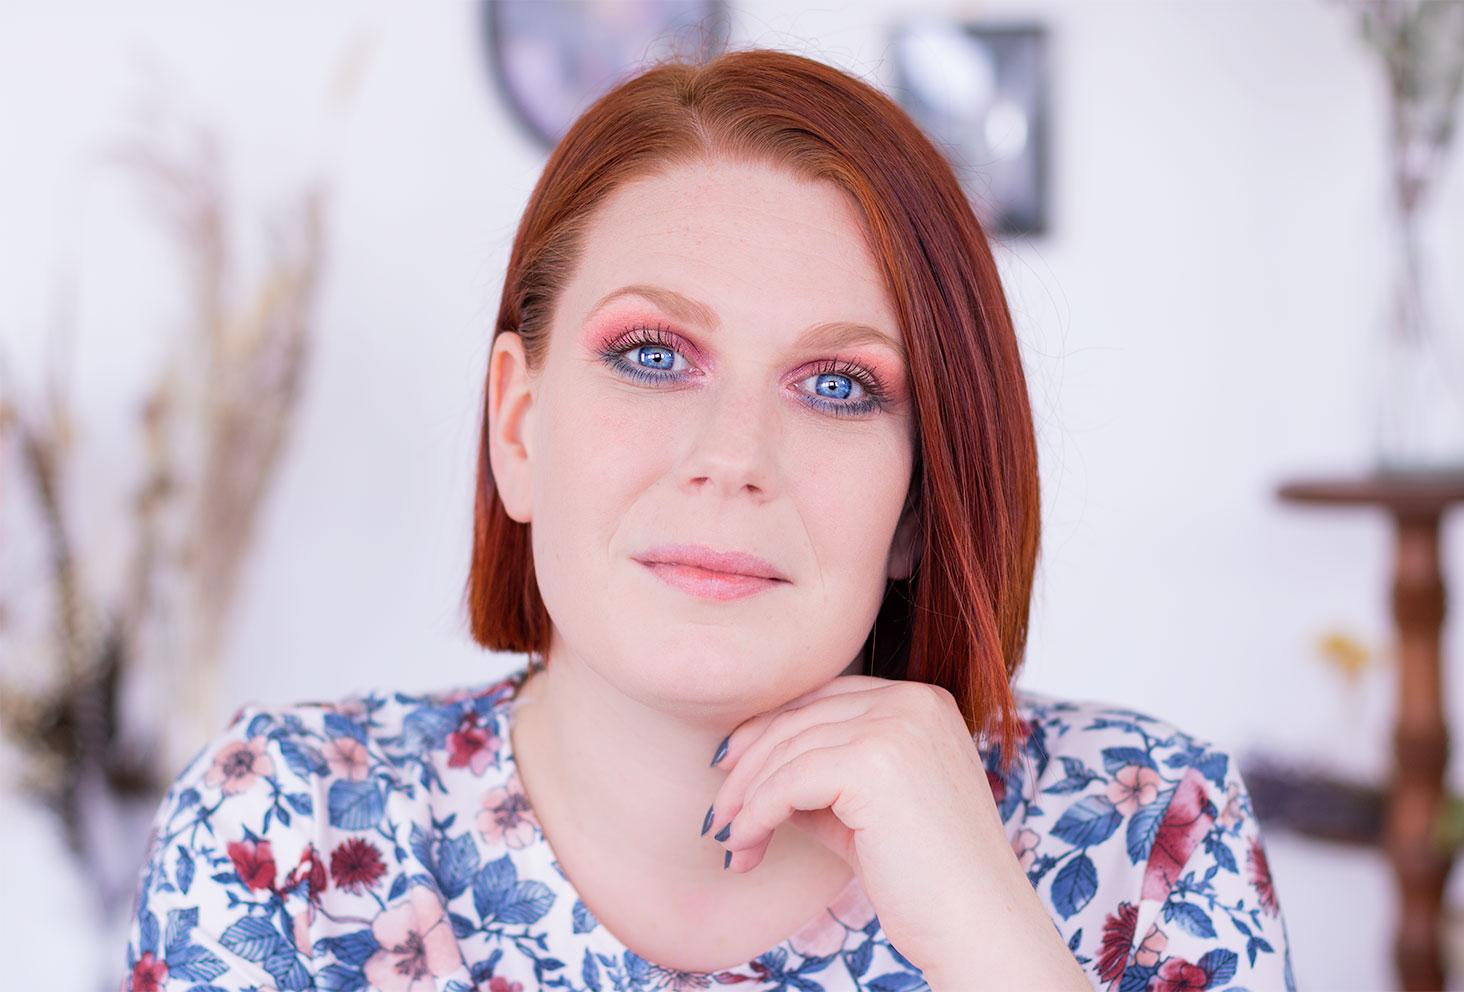 Maquillage coloré réalisé avec la palette Moroccan Spice en intérieur sur les yeux ouverts